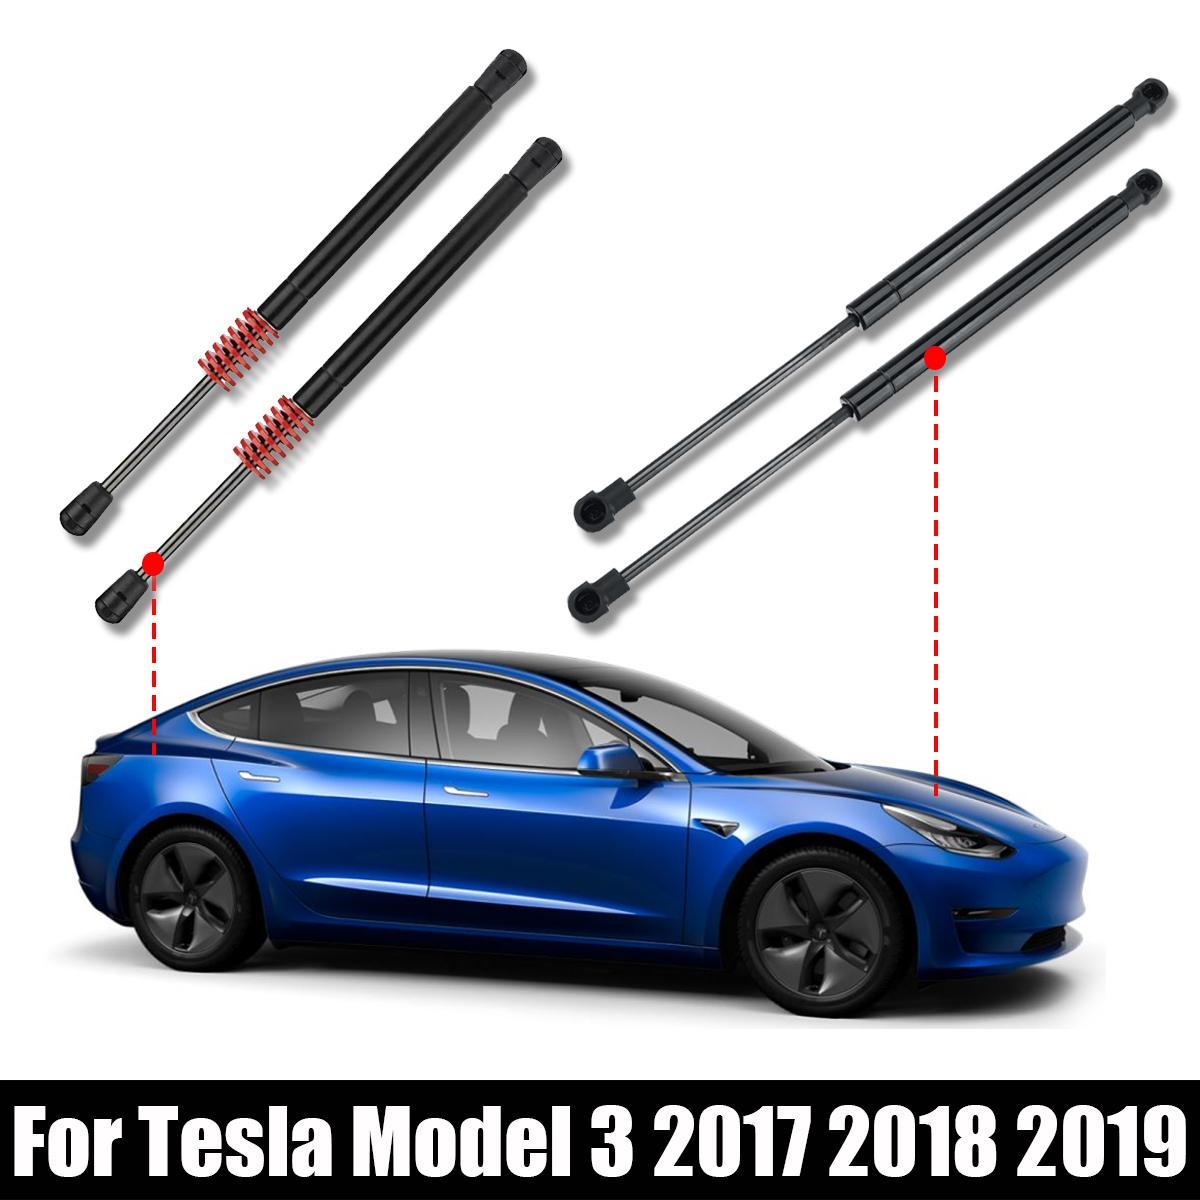 NUOVO 2X Anteriore/Posteriore del Tronco di Coda Porta del Portellone Posteriore Boot Molla A Gas Ammortizzatore Ascensore Montanti di Sostegno Per Tesla Modello 3 2017 2018 2019